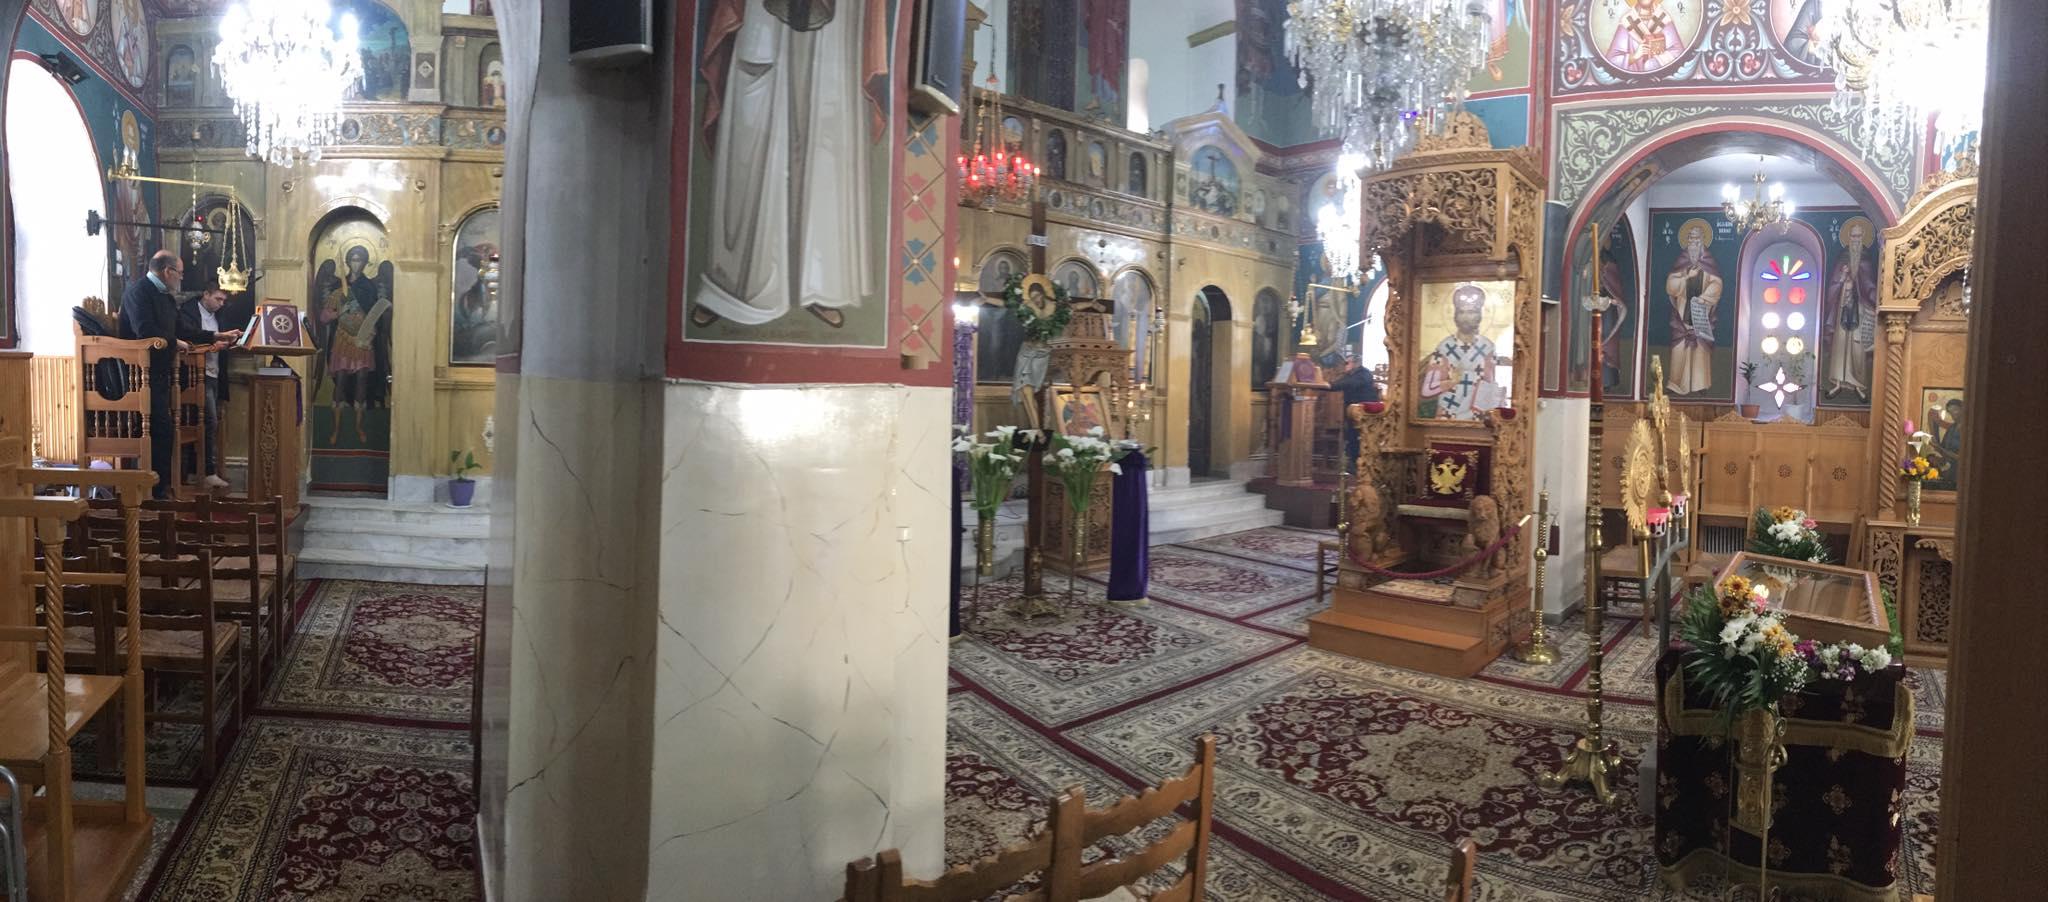 Το Θείο Δράμα κορυφώνεται με τα Πάθη του Χριστού στις άδειες εκκλησίες στην περιοχή Αλιβερίου